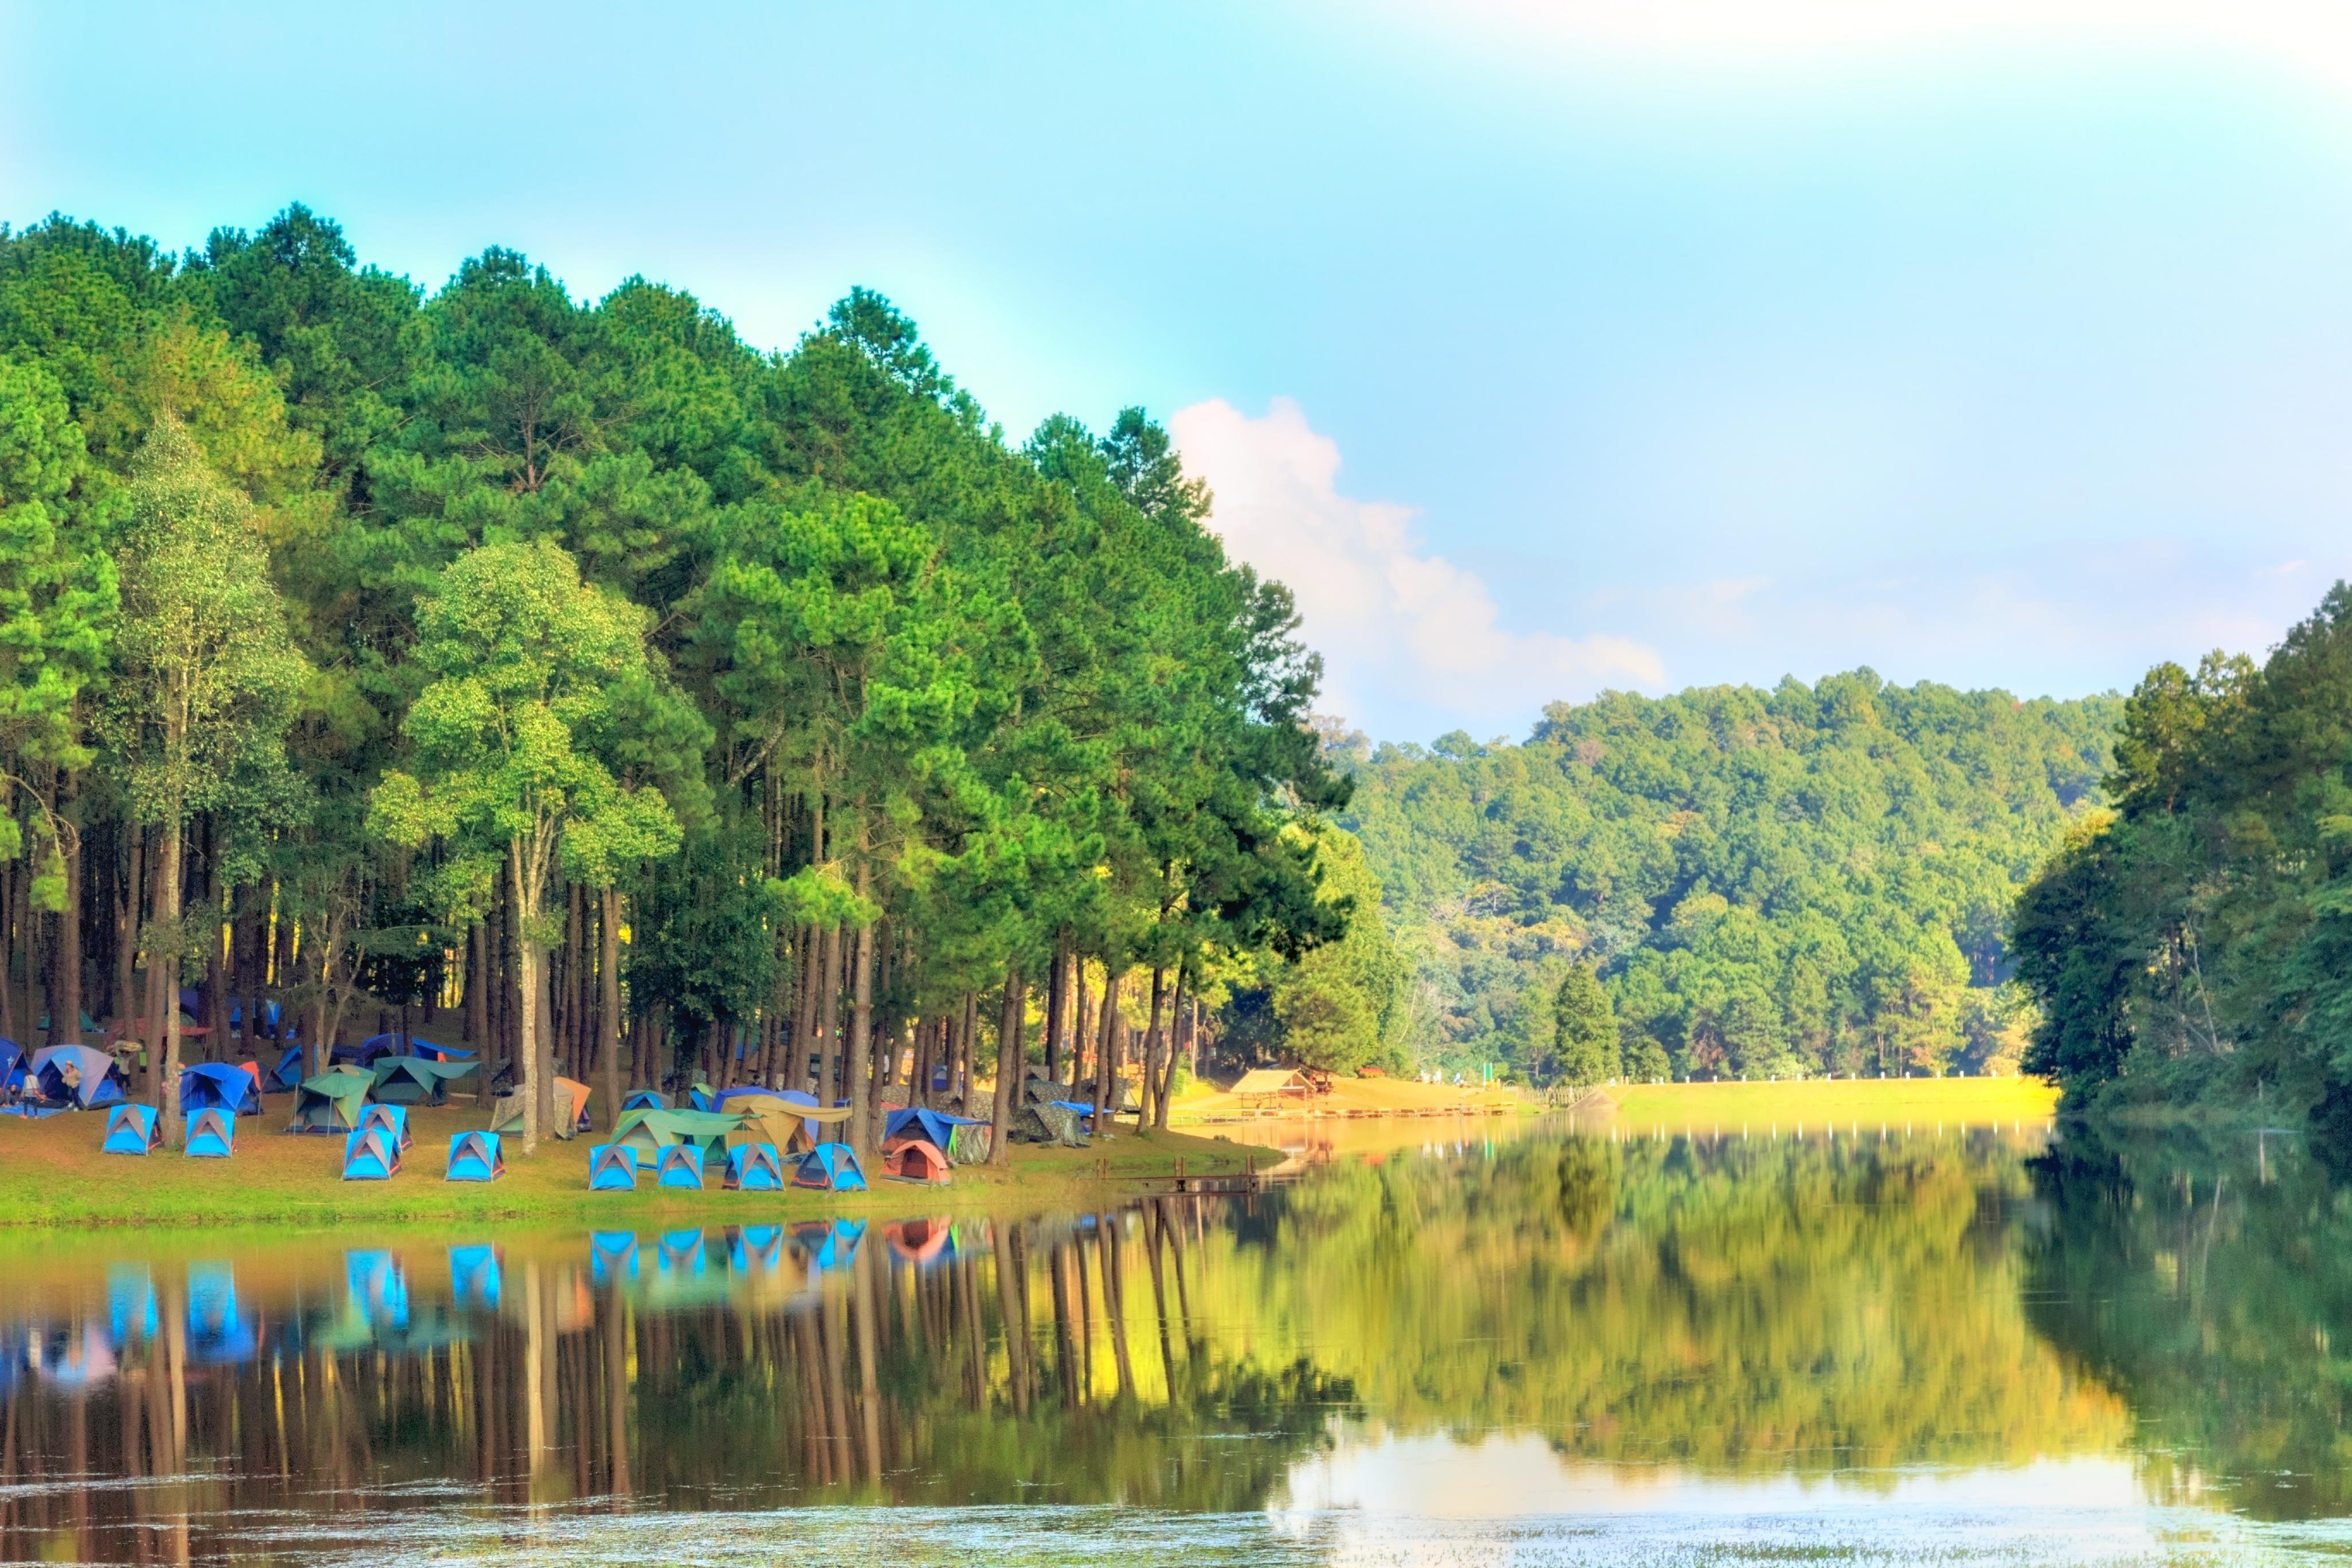 สวนป่าตามพระราชดำริปางตอง 2 (ปางอุ๋ง)